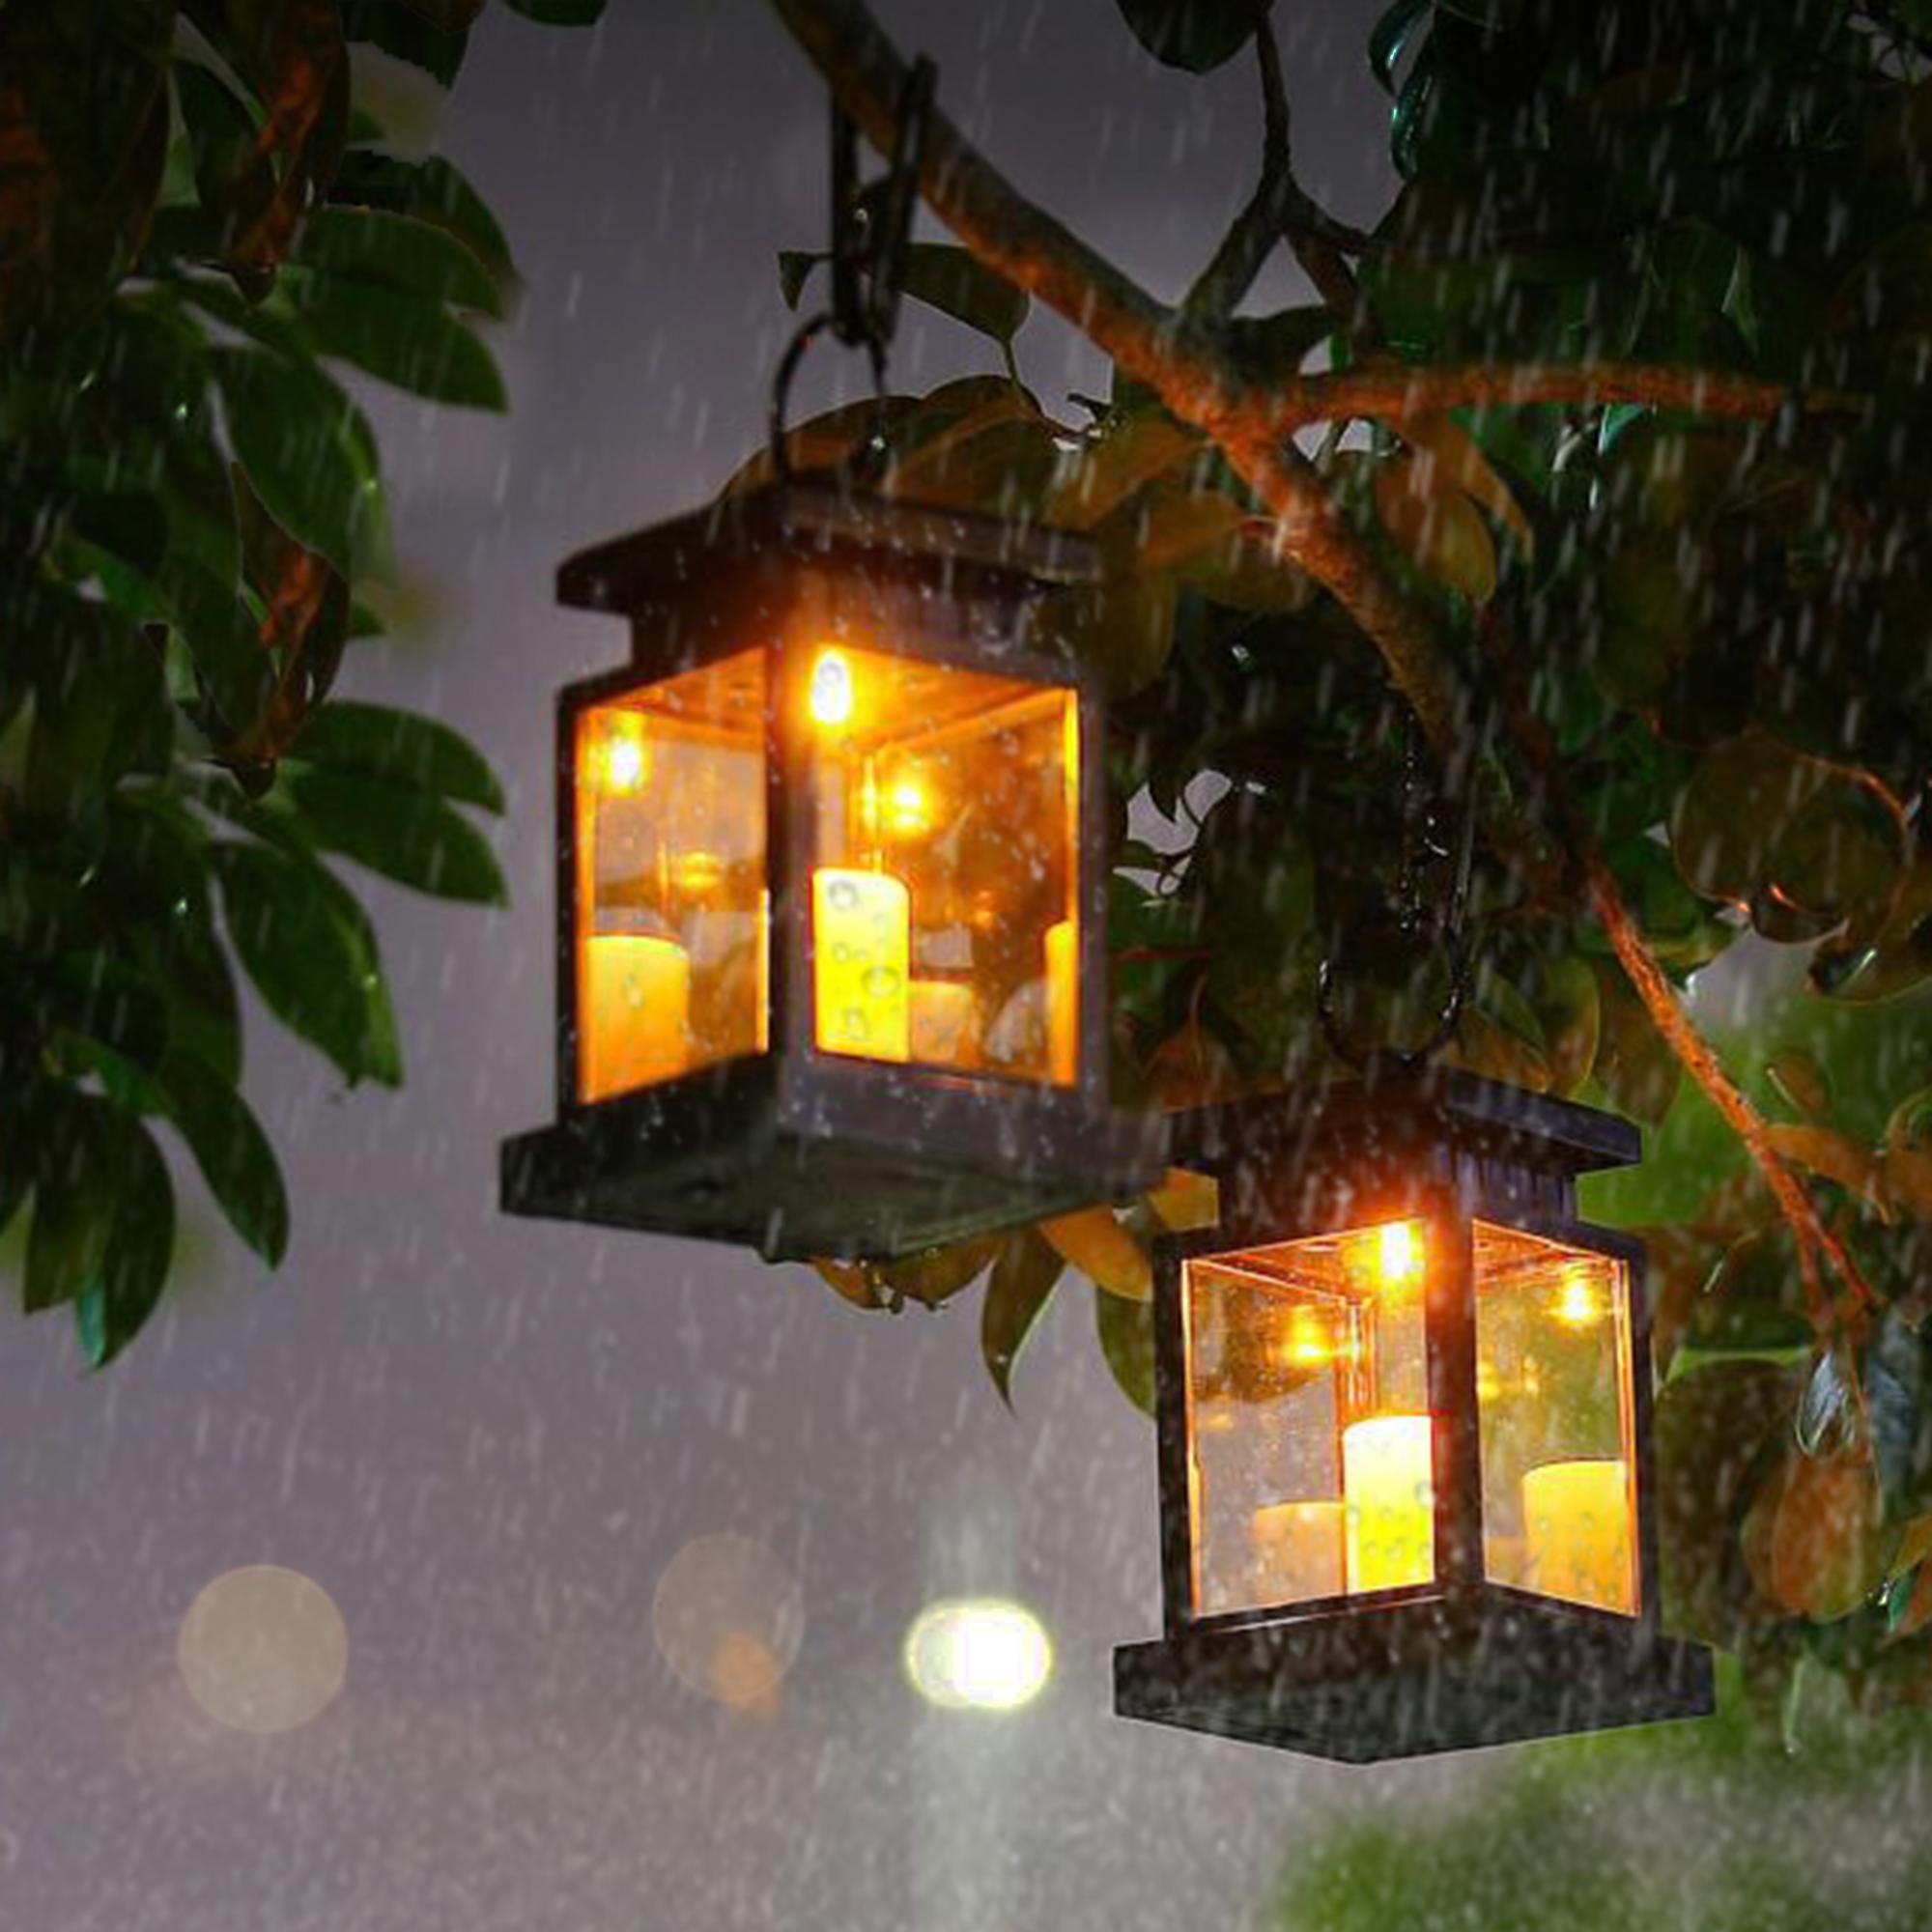 4Pcs LED Solarlampe Laterne Kerze Flackerlicht Solarleuchte Gartenleuchte Außen